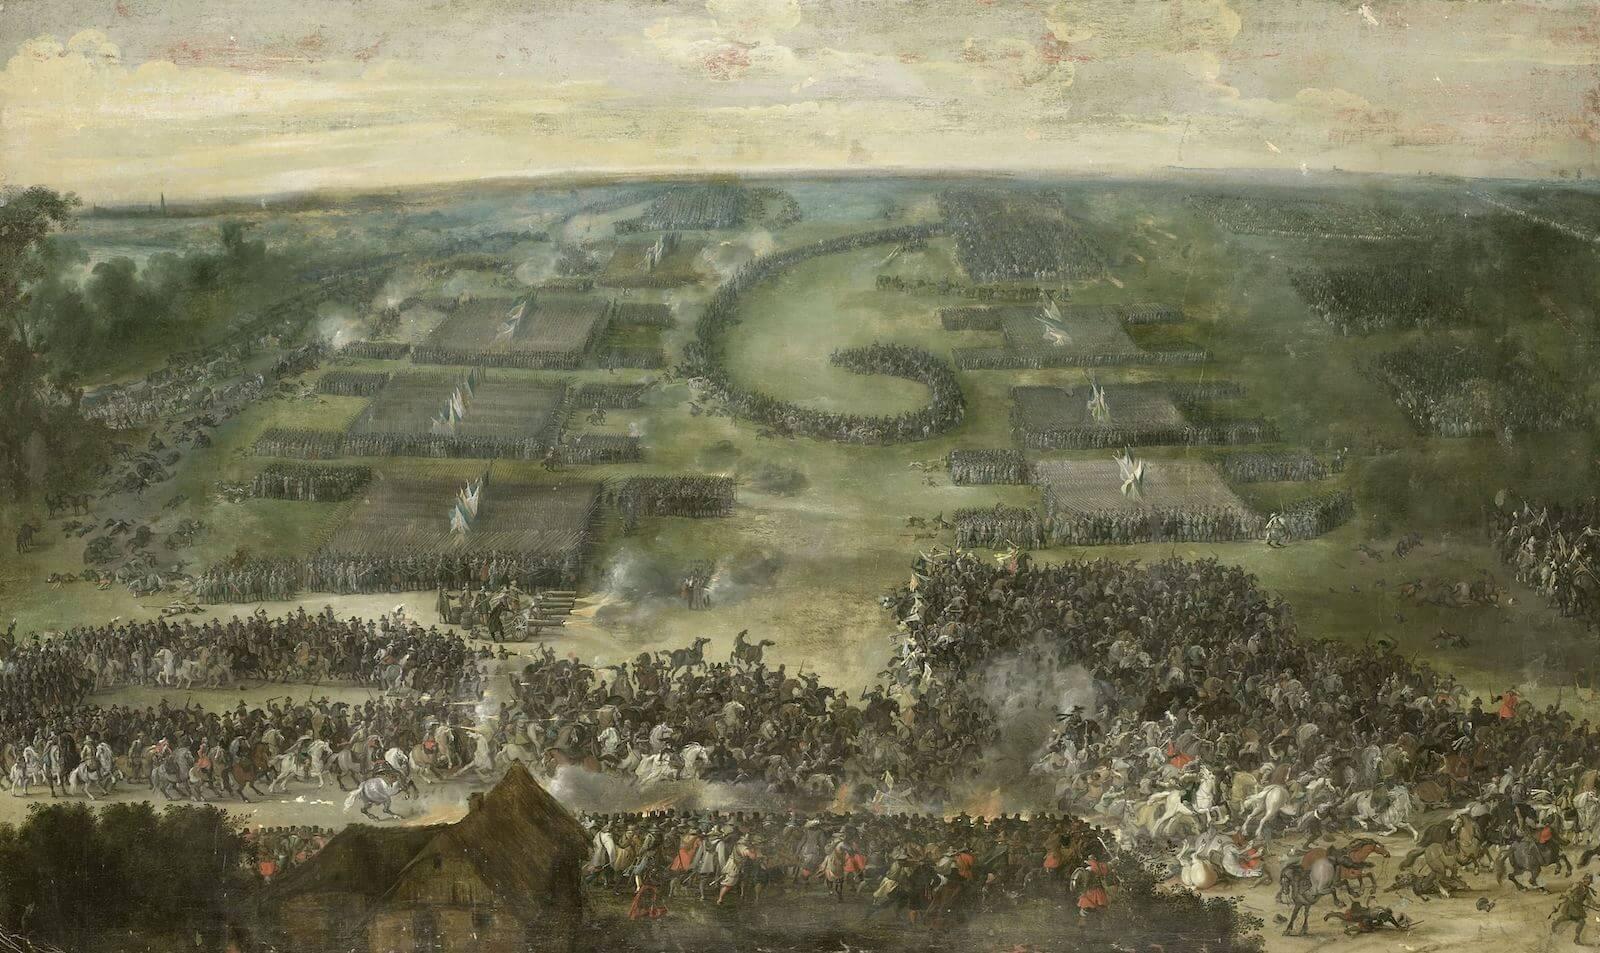 batalla de Fleurus Pieter Snayers